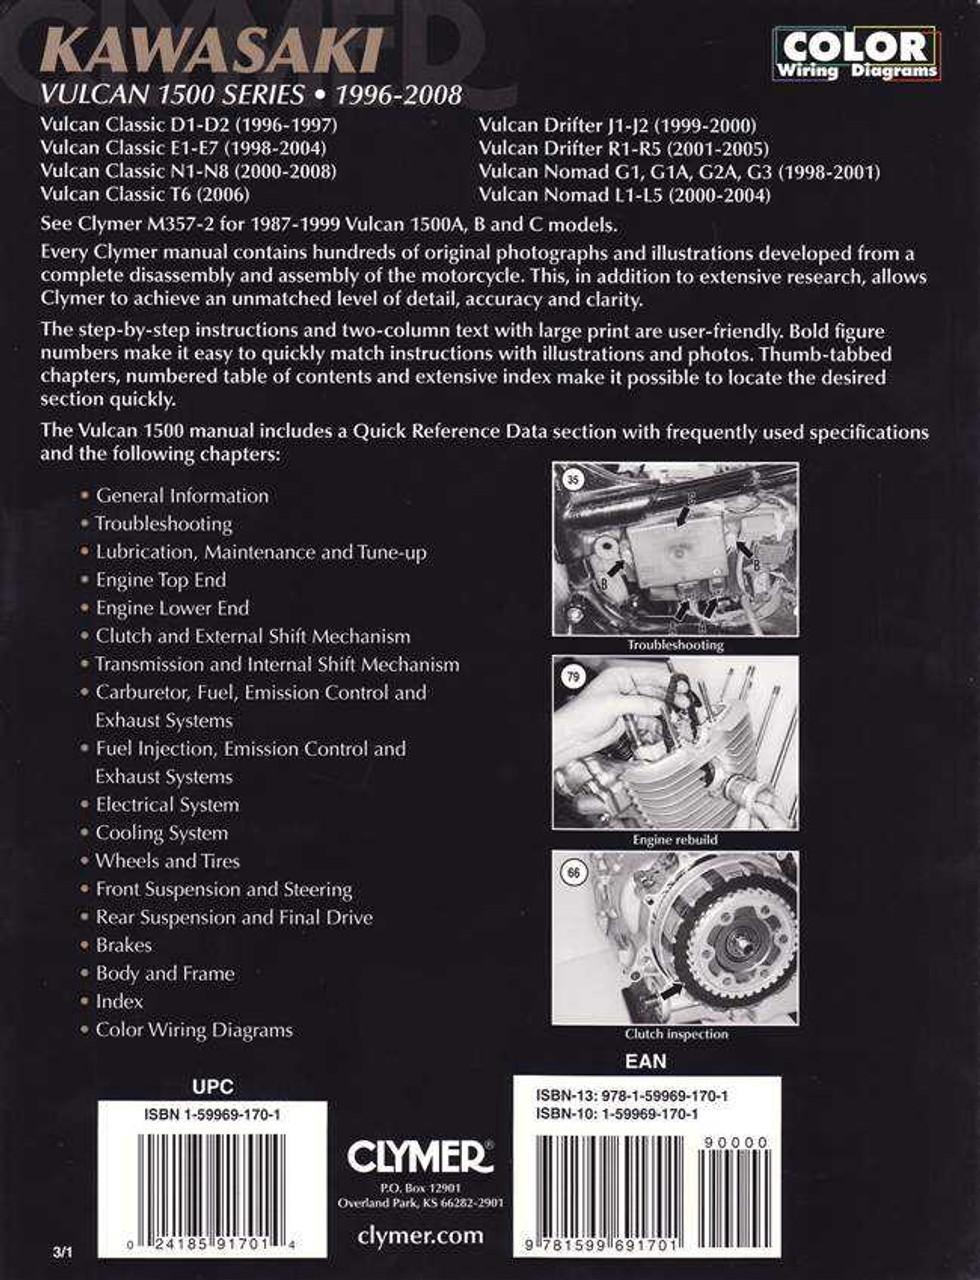 2001 kawasaki vulcan 1500 classic manual [ 980 x 1280 Pixel ]